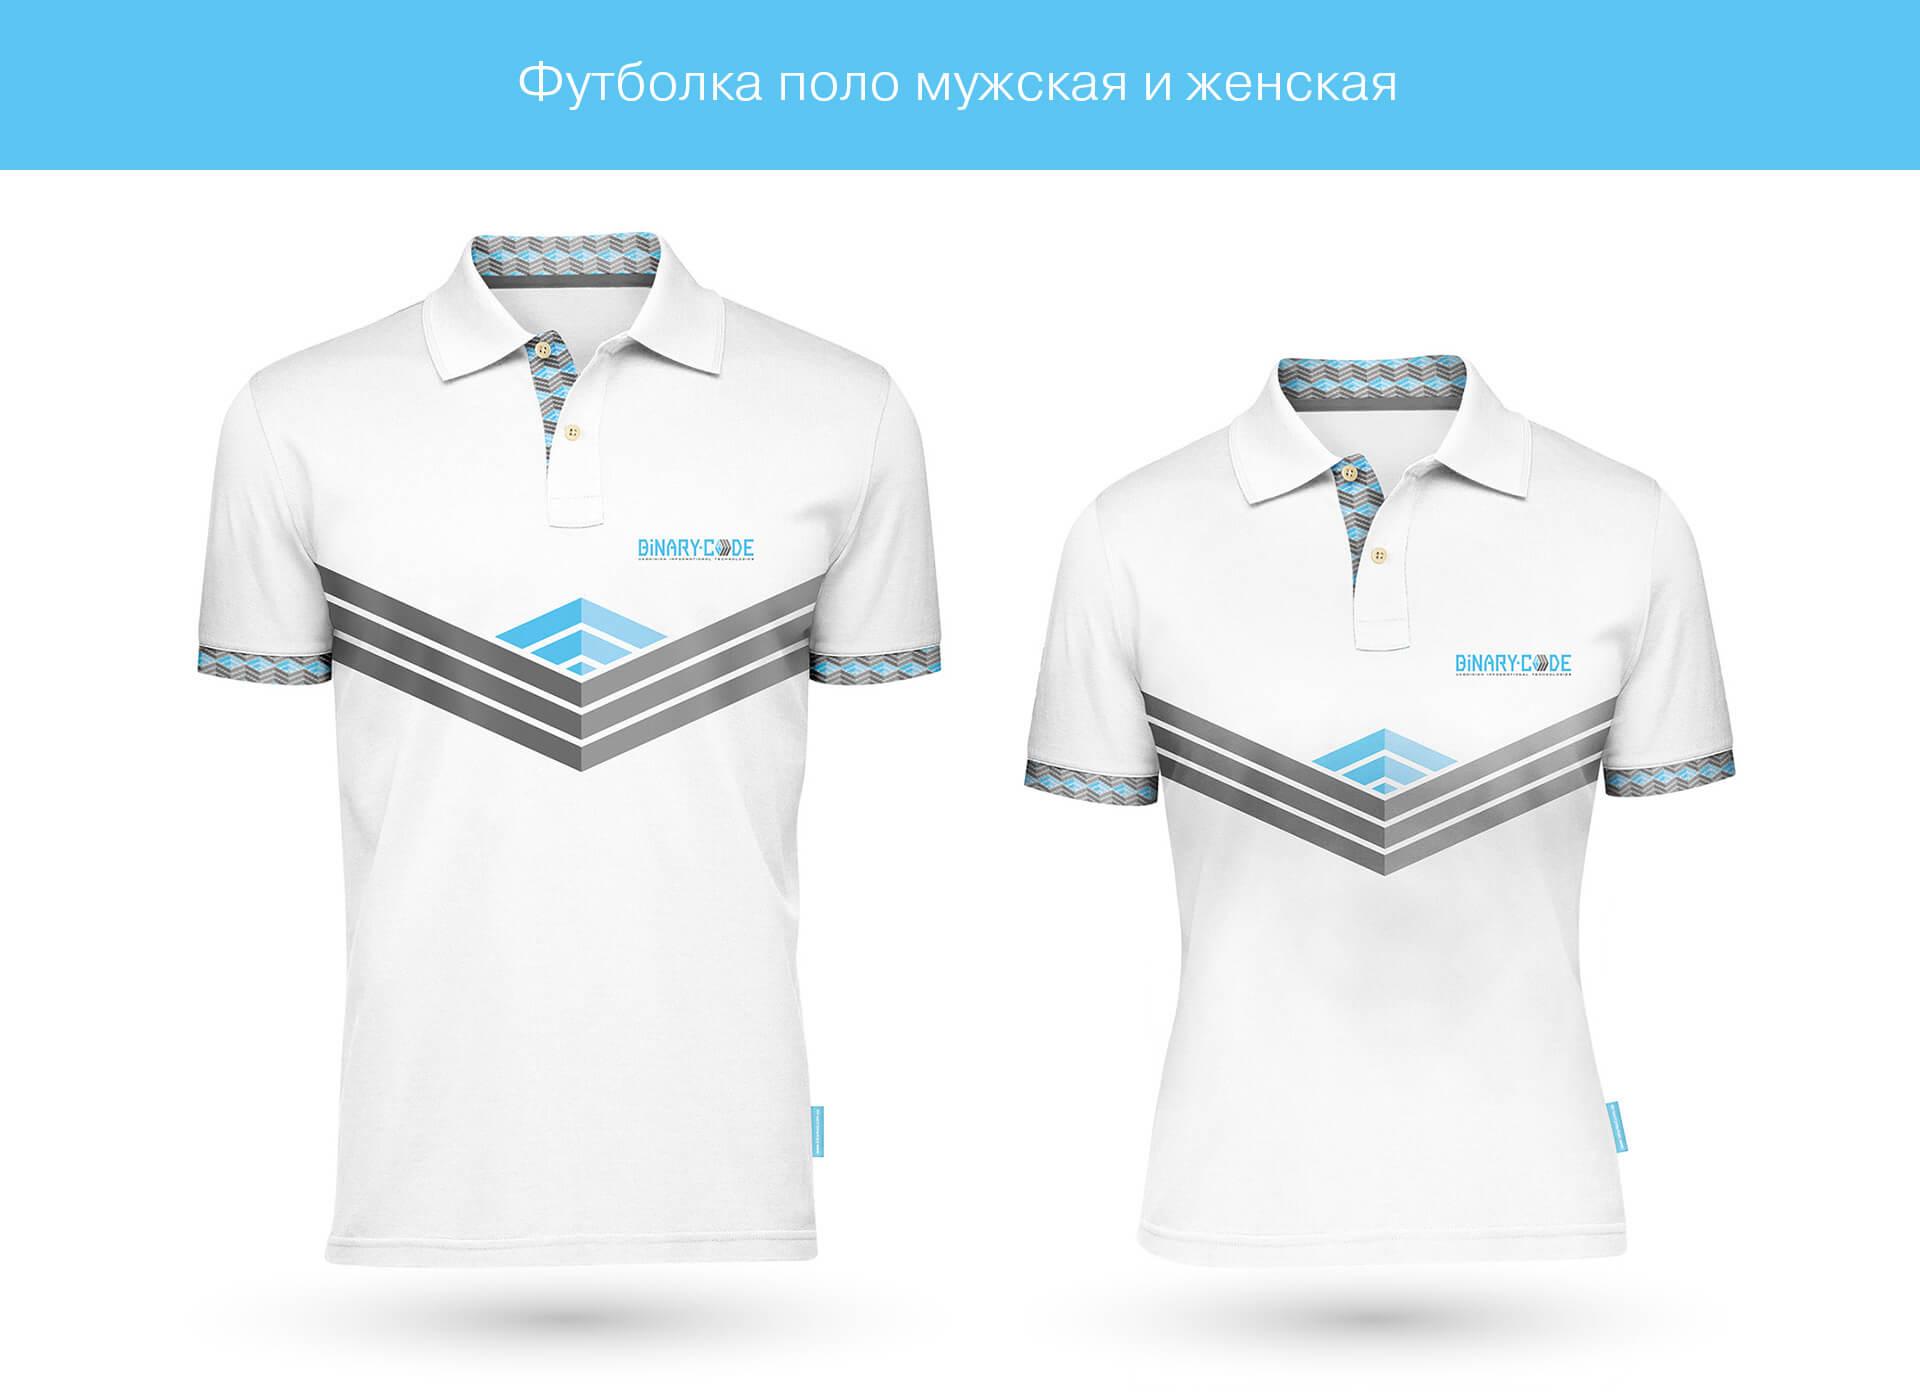 Разработка и создание дизайна футболок поло женской и мужской (брендинг) от Fantastic Imago брендиногове рекламное агентство